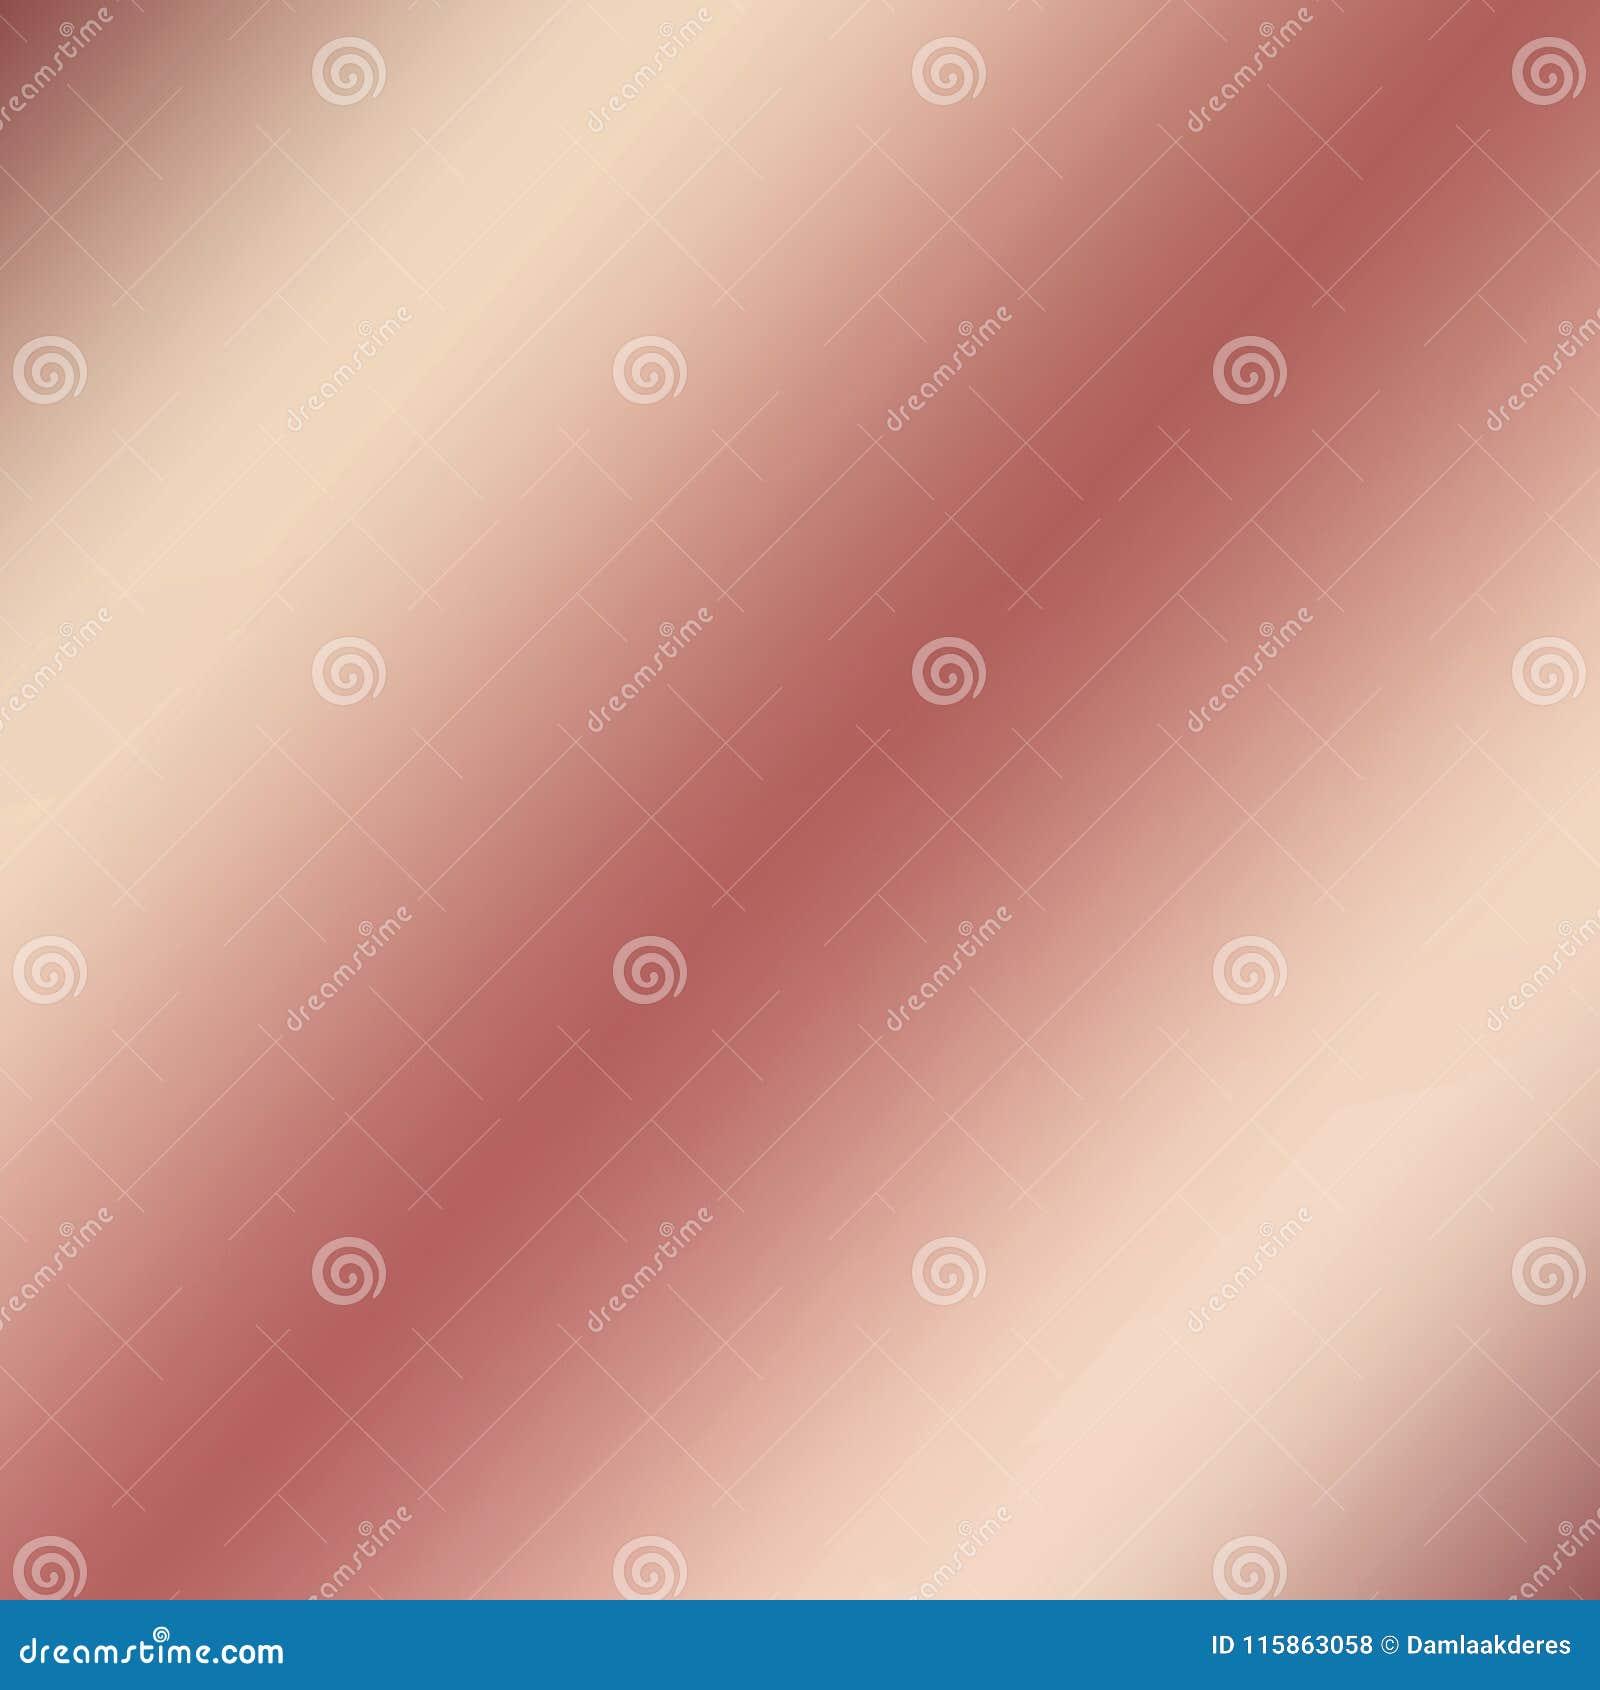 Fondo De Rose Gold Textura De Rose Gold Rose Gold Abstract